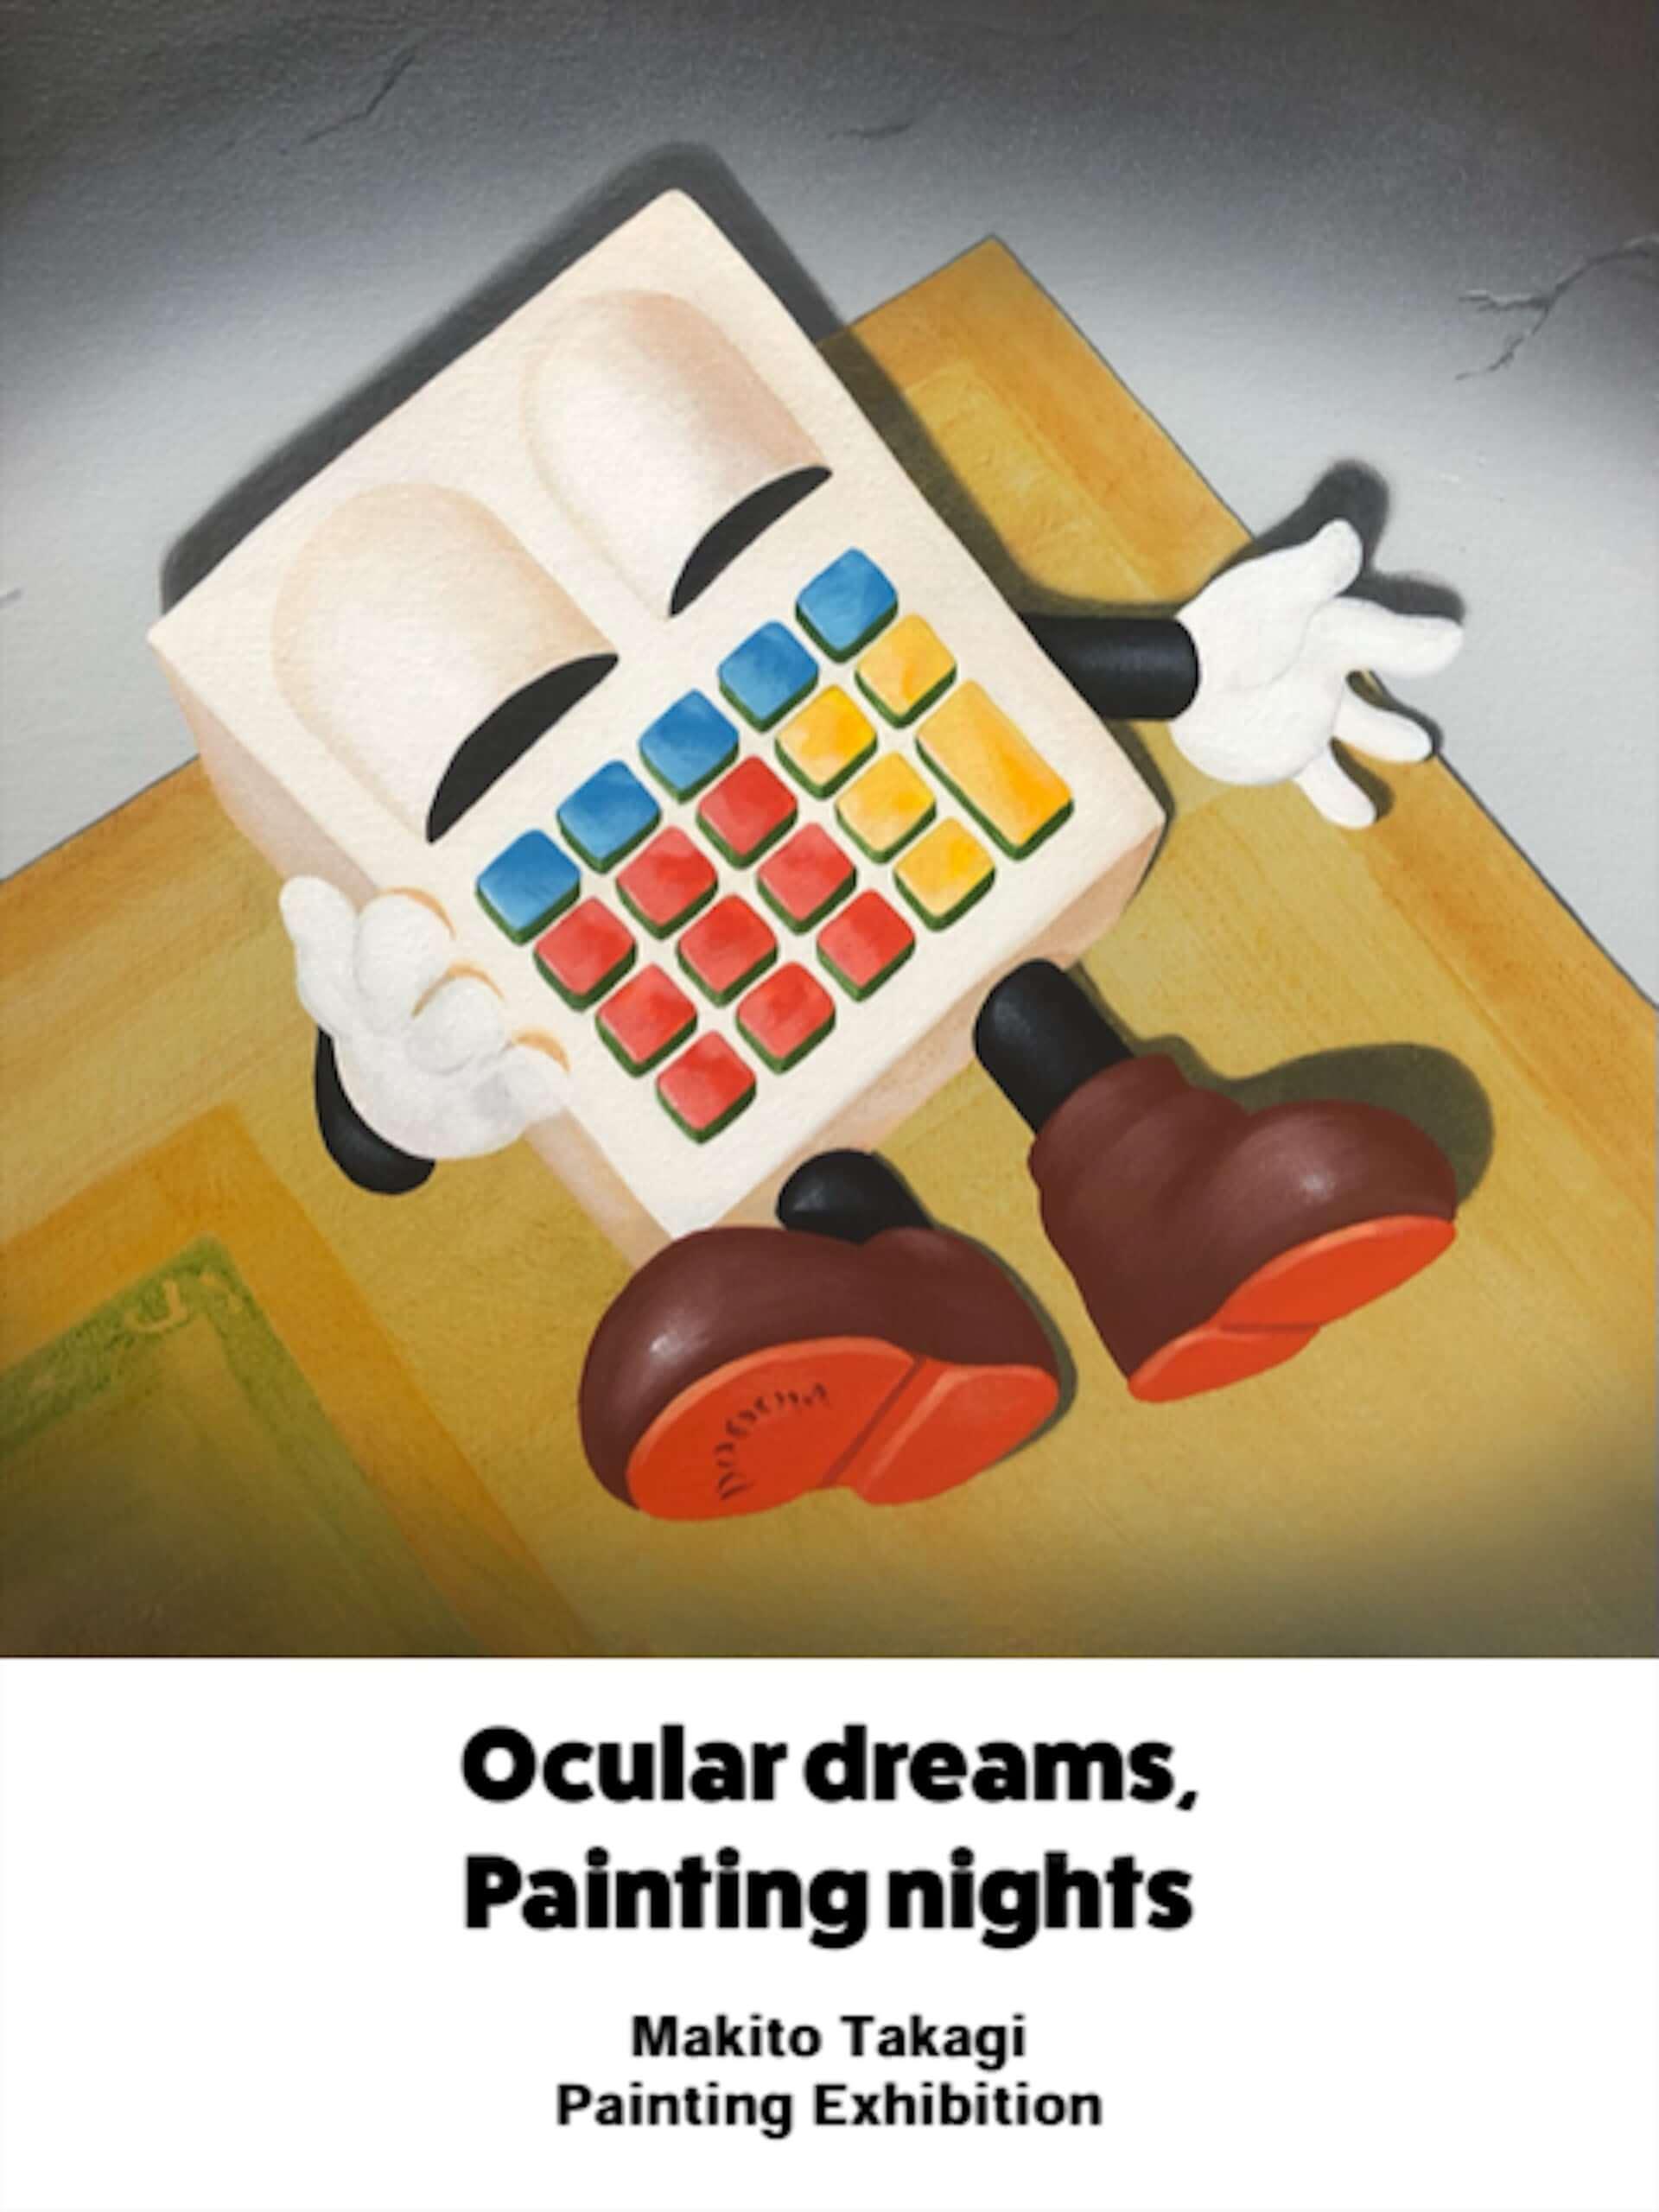 高木真希人の展覧会<Ocular dreams,painting nights.>が六本木 蔦屋書店「BOOK GALLERY」にて開催決定!初期作から最新作までを展示 art210127_makito-takagi_4-1920x2560